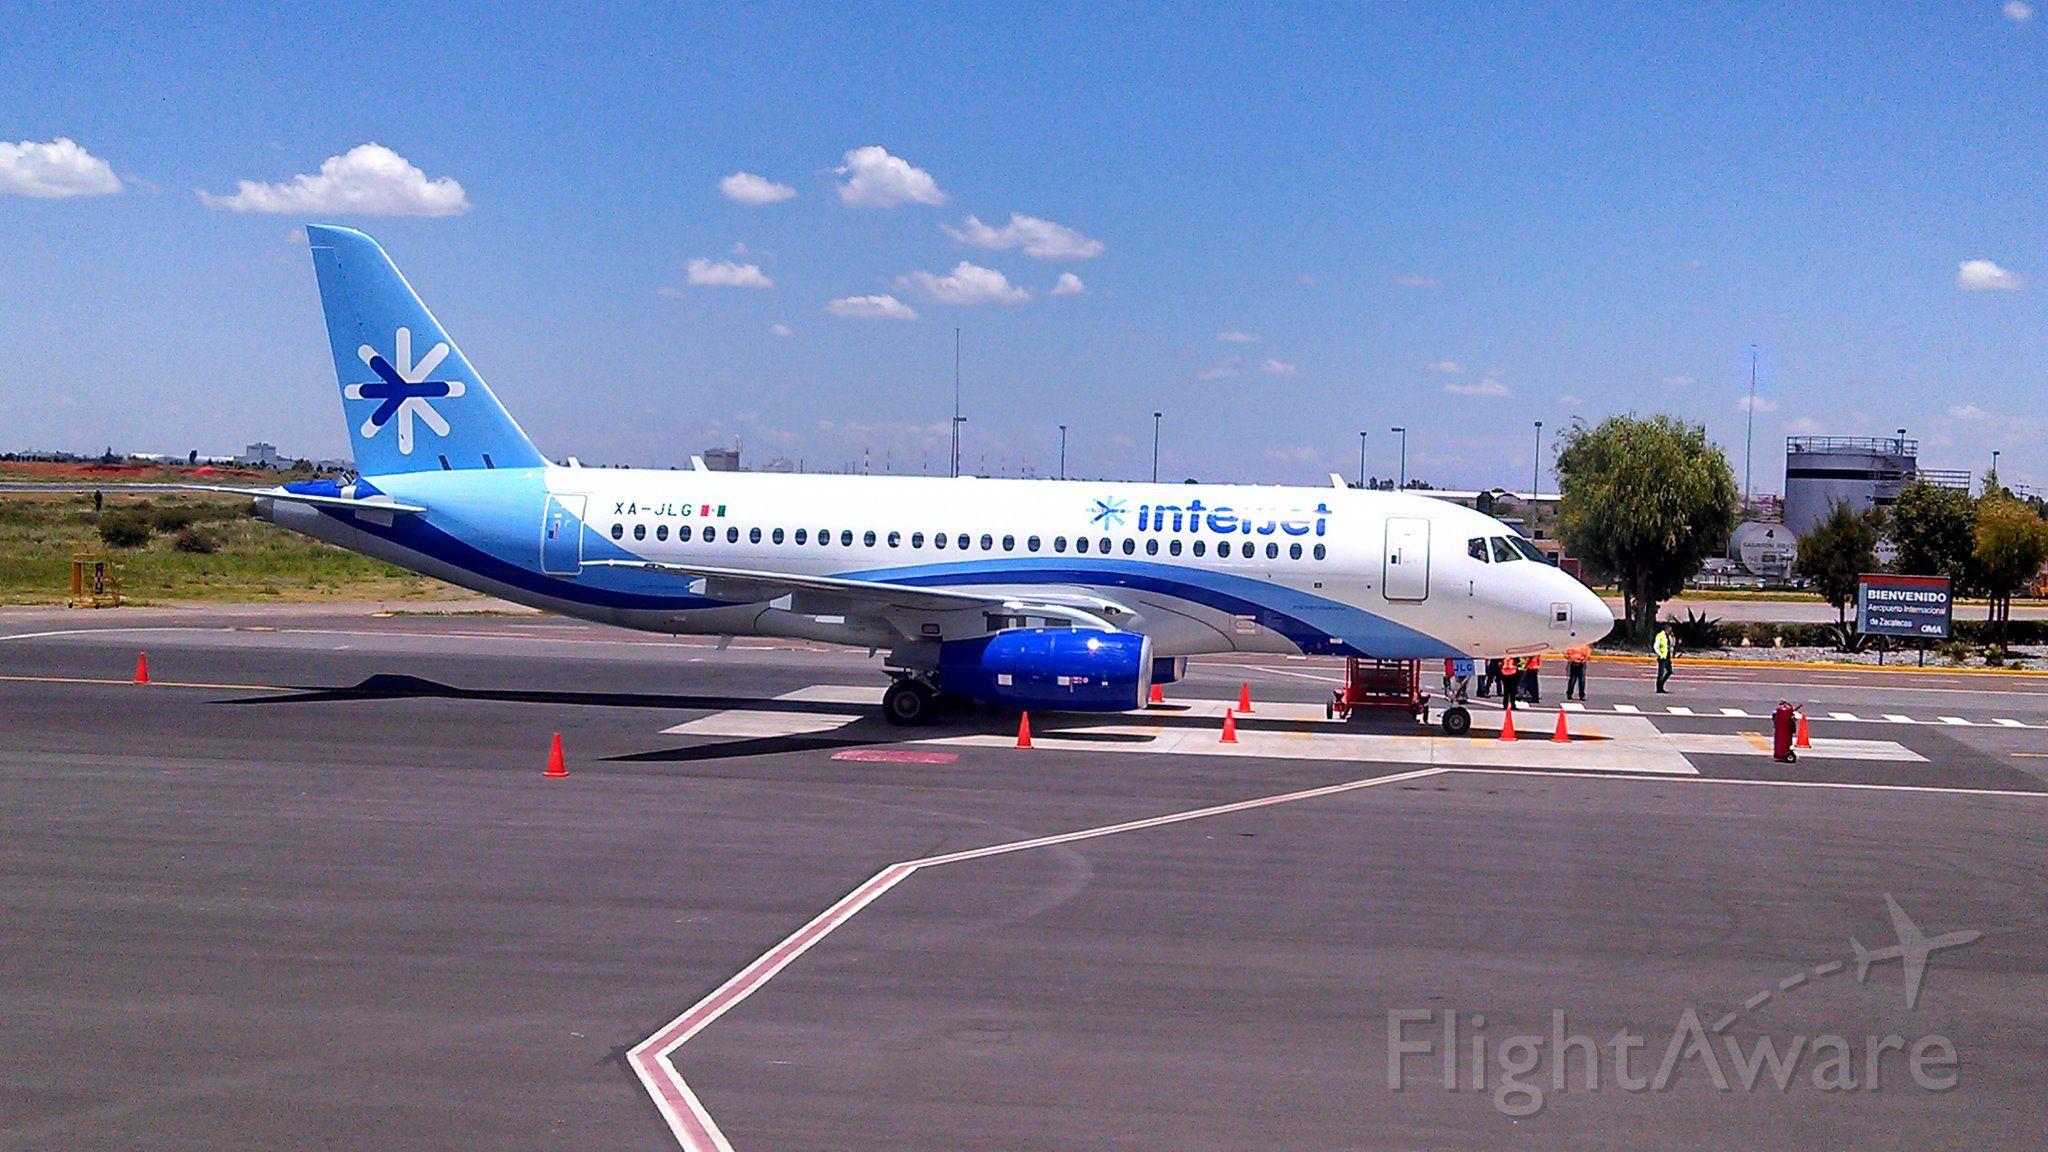 Airbus A320 (XA-JLG) - PRIMER VUELO DEL SUPERJET EN TERRITORIO MEXICANO MMMX-MMZC